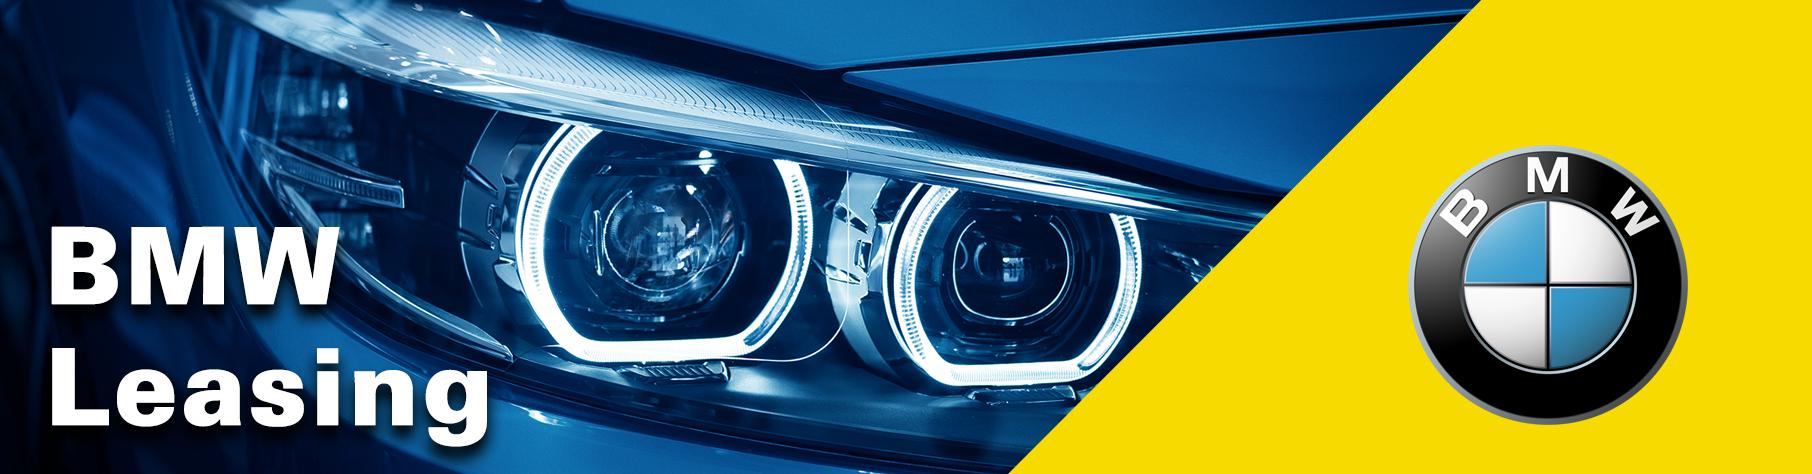 BMW 1er-Leasing für Ihr Business - Unsere BMW 1er-Leasing-Bestseller